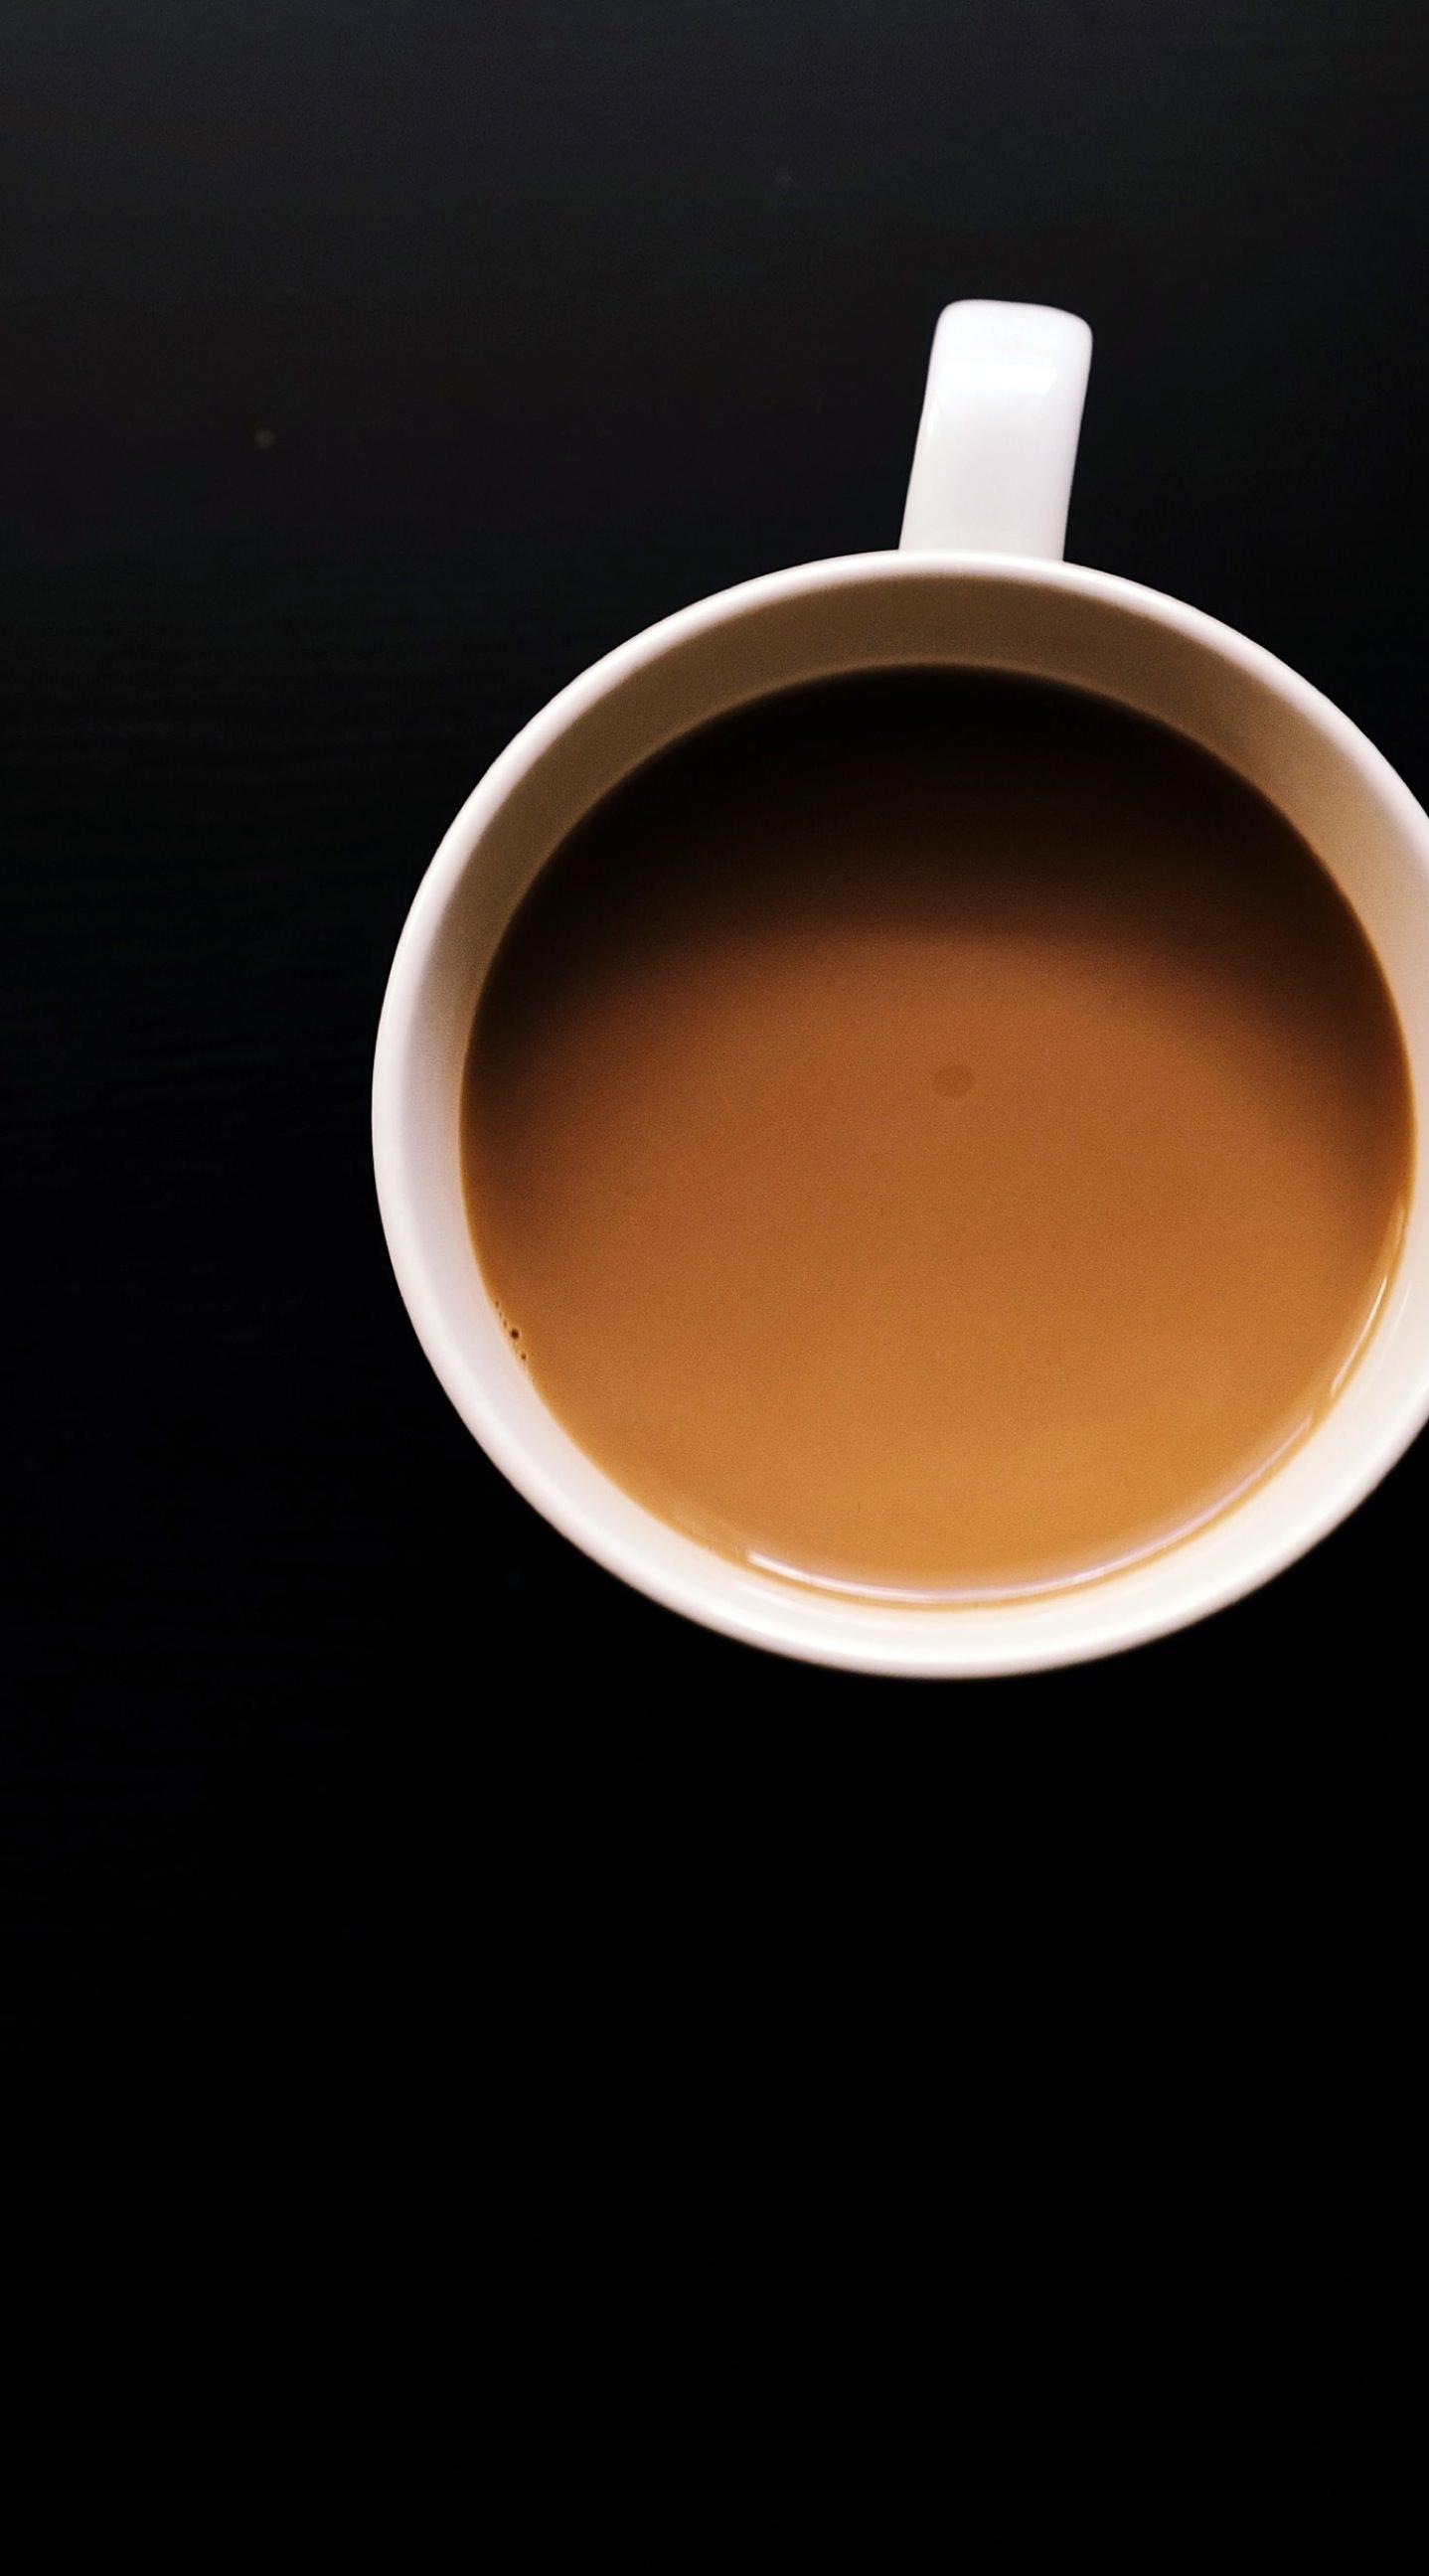 クール飲み物コーヒー Wallpaper Sc Iphone6splus壁紙